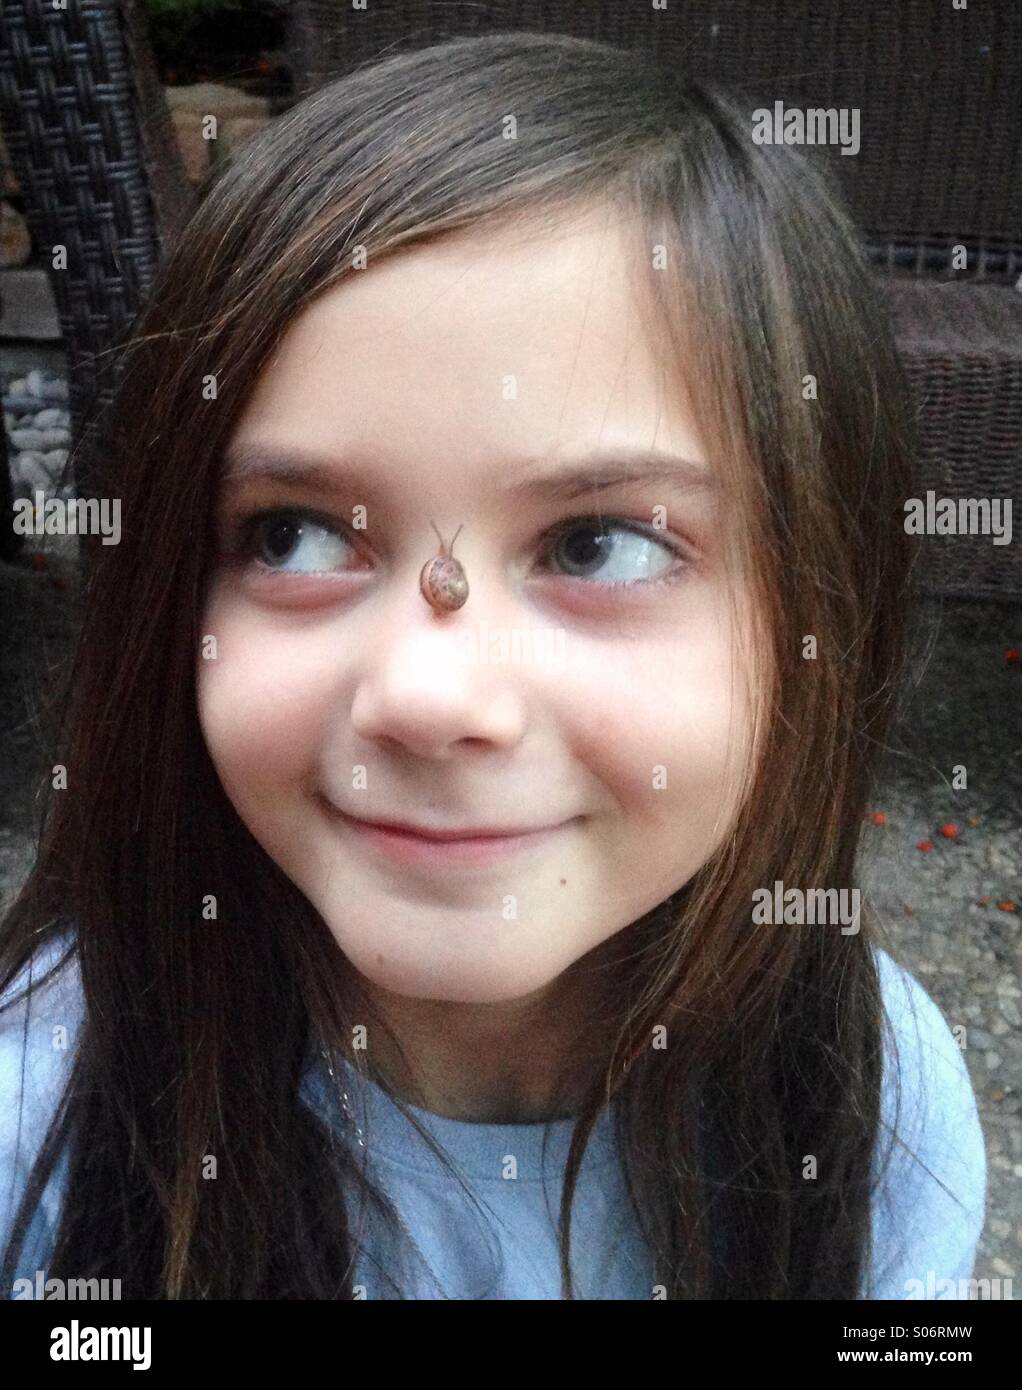 Une jeune fille adorable sourire avec un petit escargot sur son nez. Photo Stock